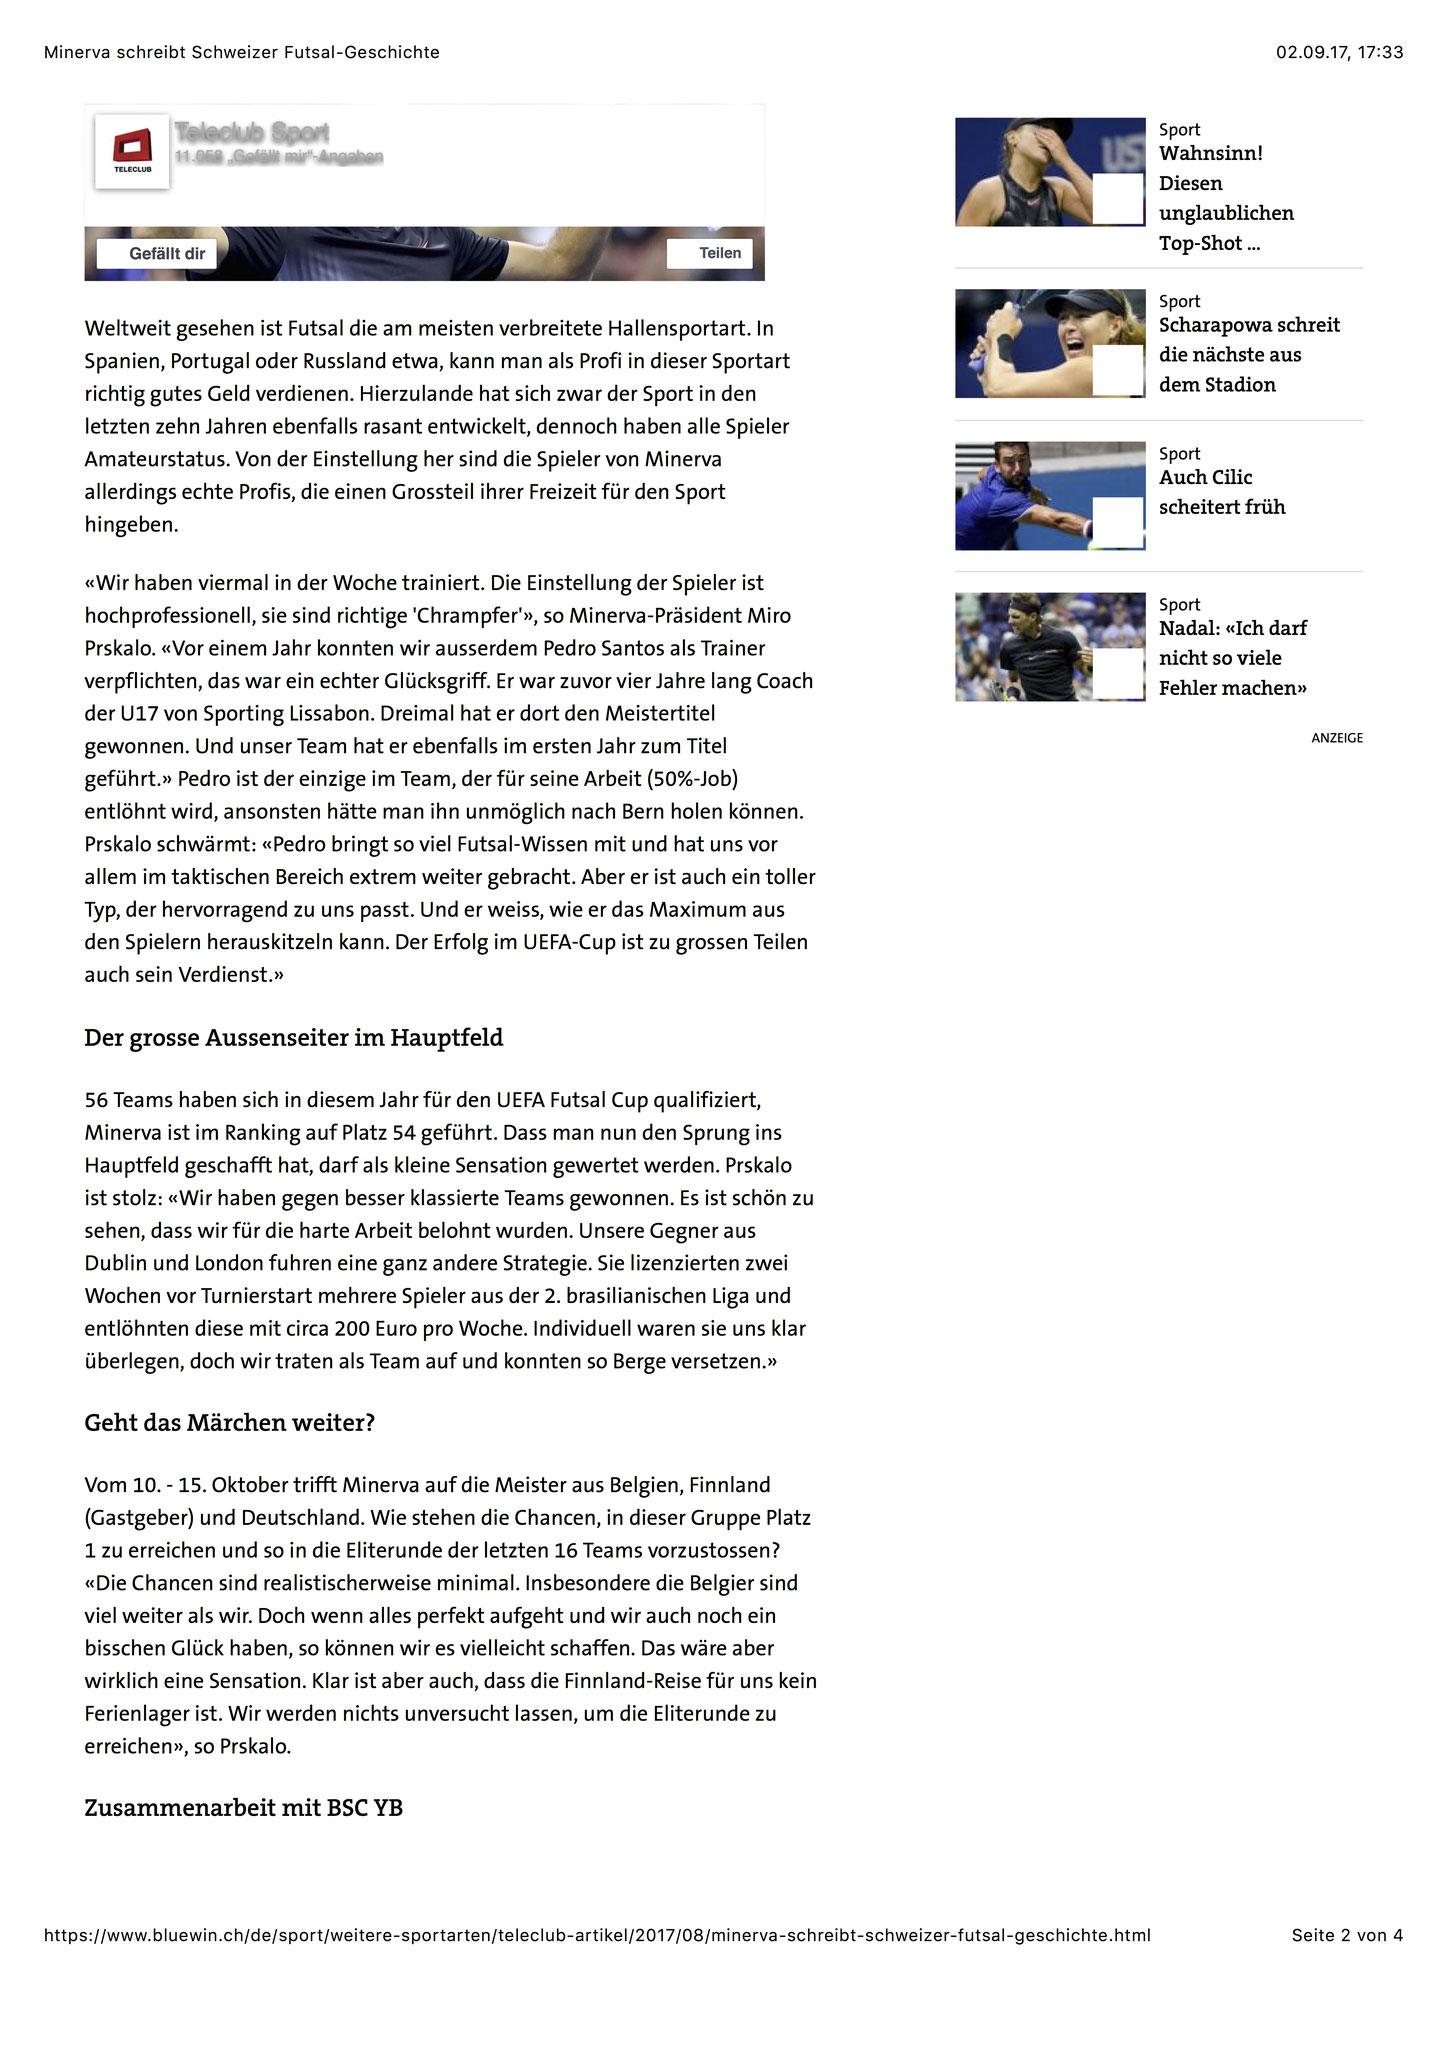 Bluewin Sport - 28. August 2017 - S. 2